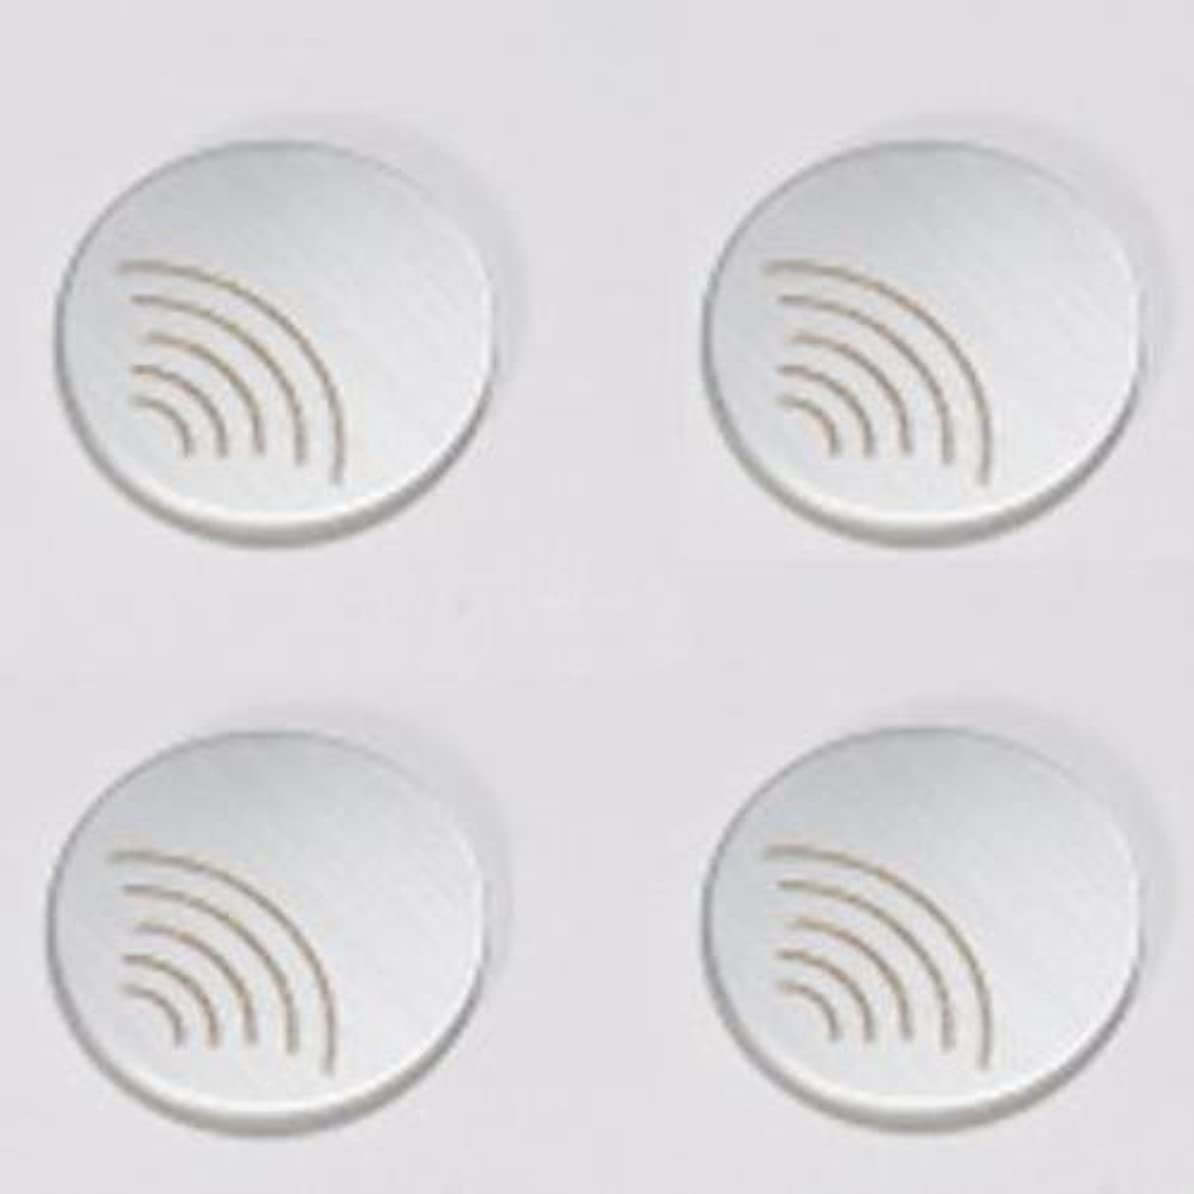 クスコセマフォ発明Bhado 携帯電話用 1g 4個セット